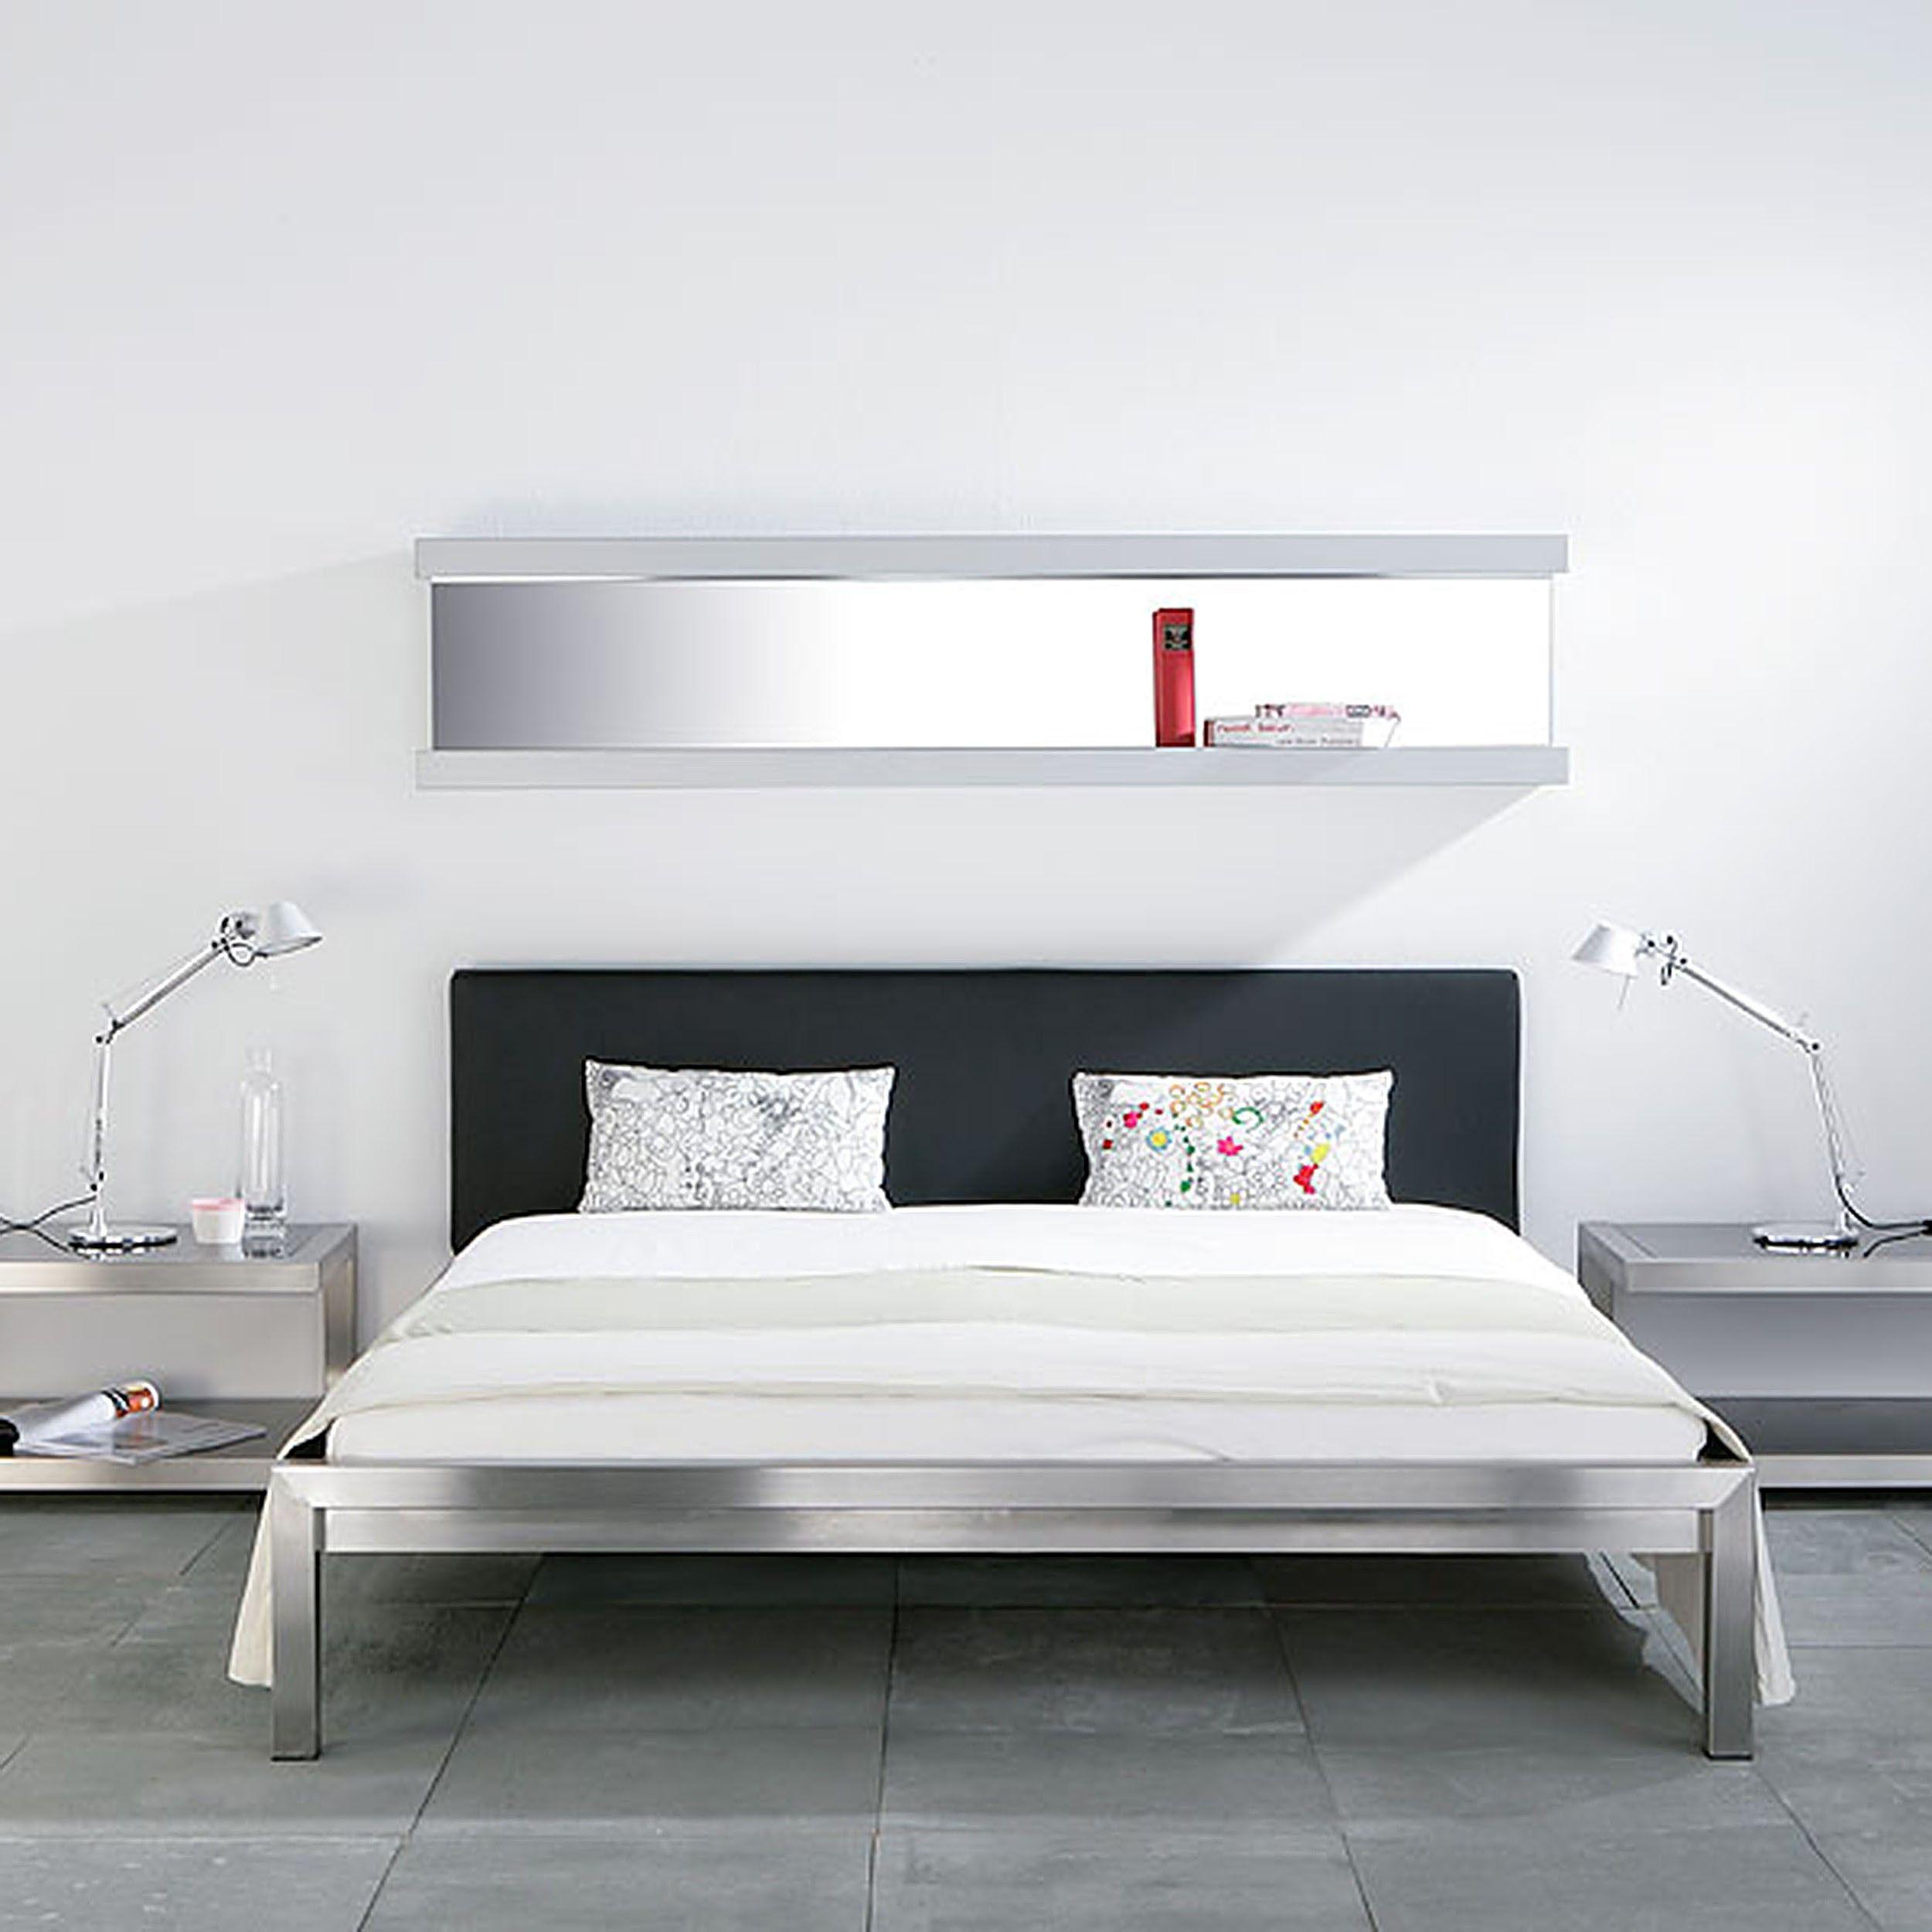 Pure Bett Mit Gepolstertem Kopfteil 180 A048787 000 Bett Ideen Haus Deko Schlafzimmer Deko